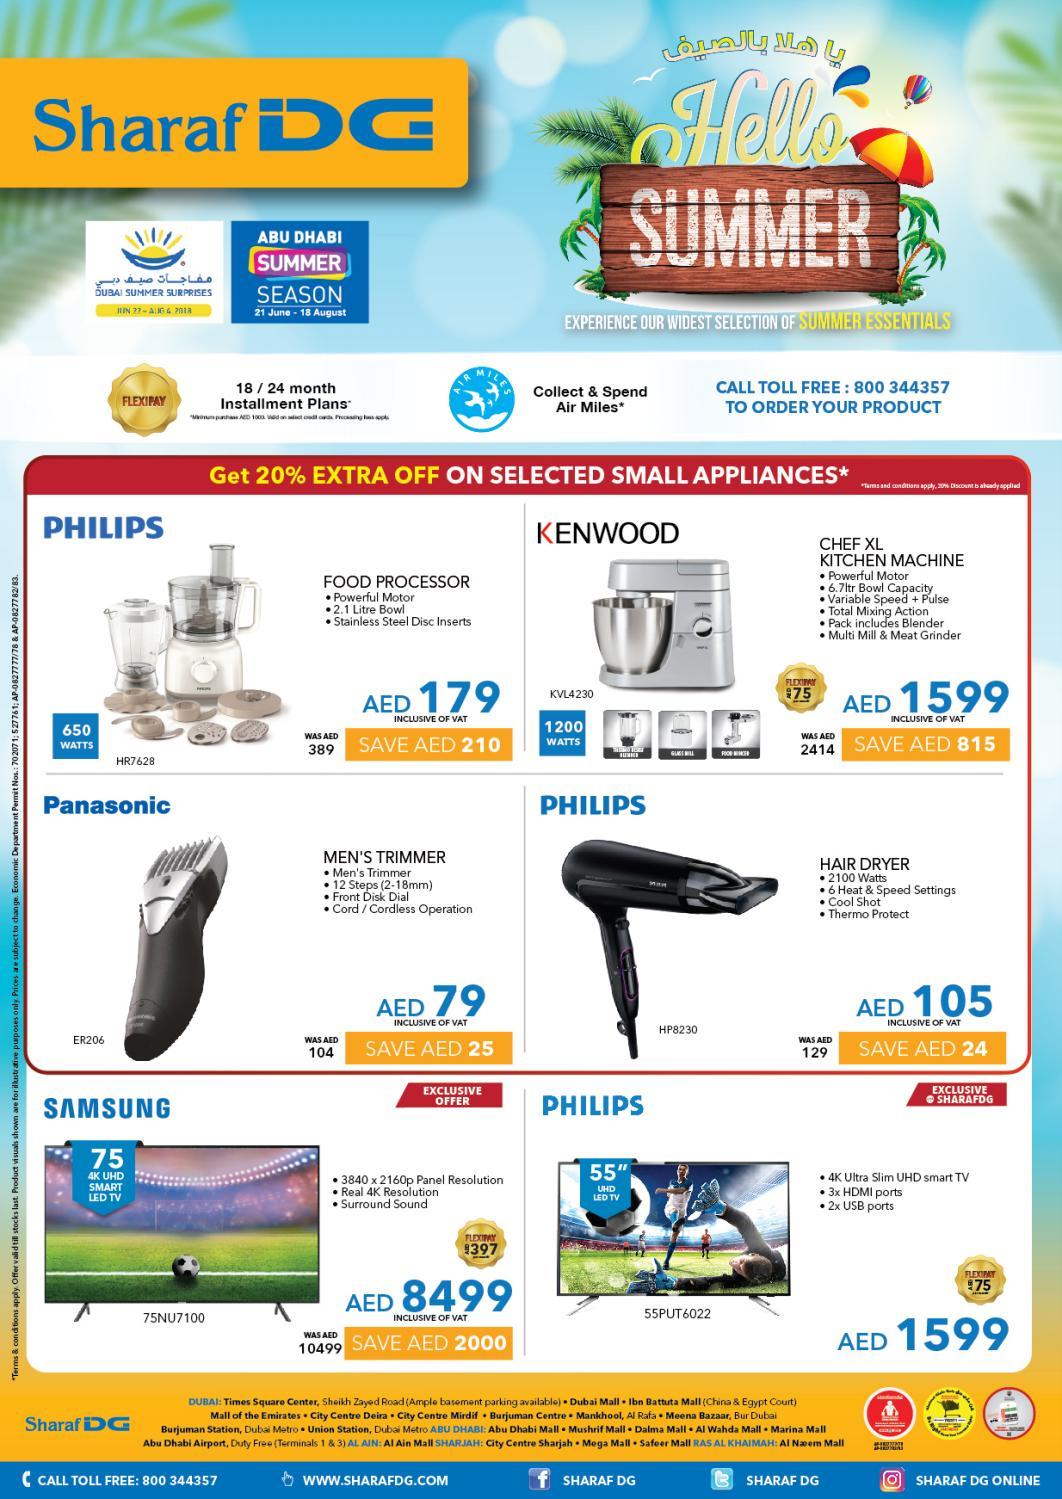 sharafdg summer offers